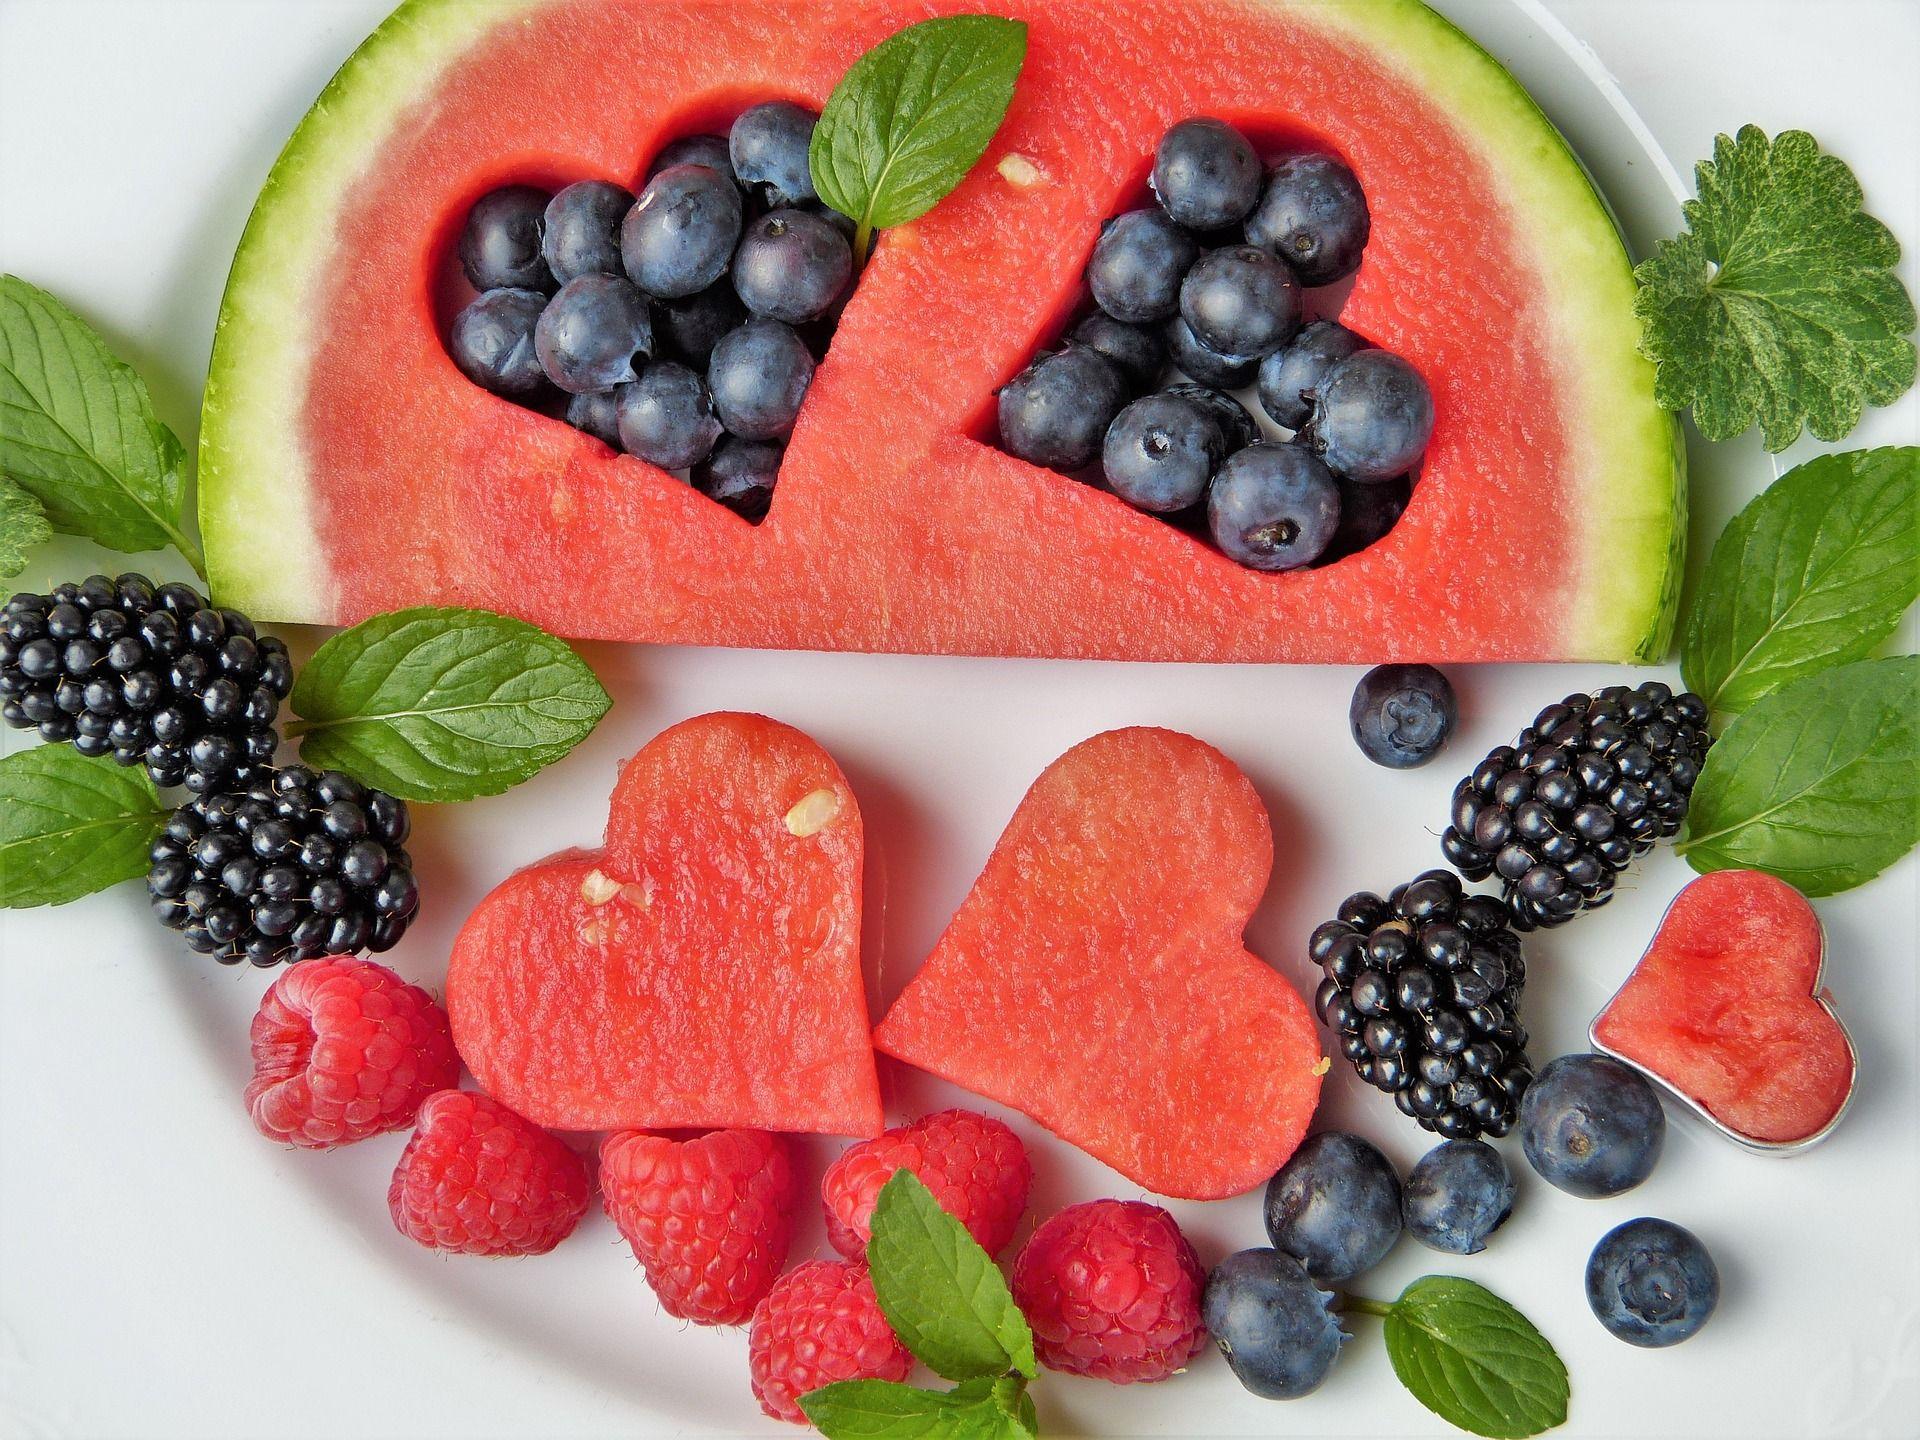 A legrégibb és leghatékonyabb recept a fogyáshoz | Well&fit